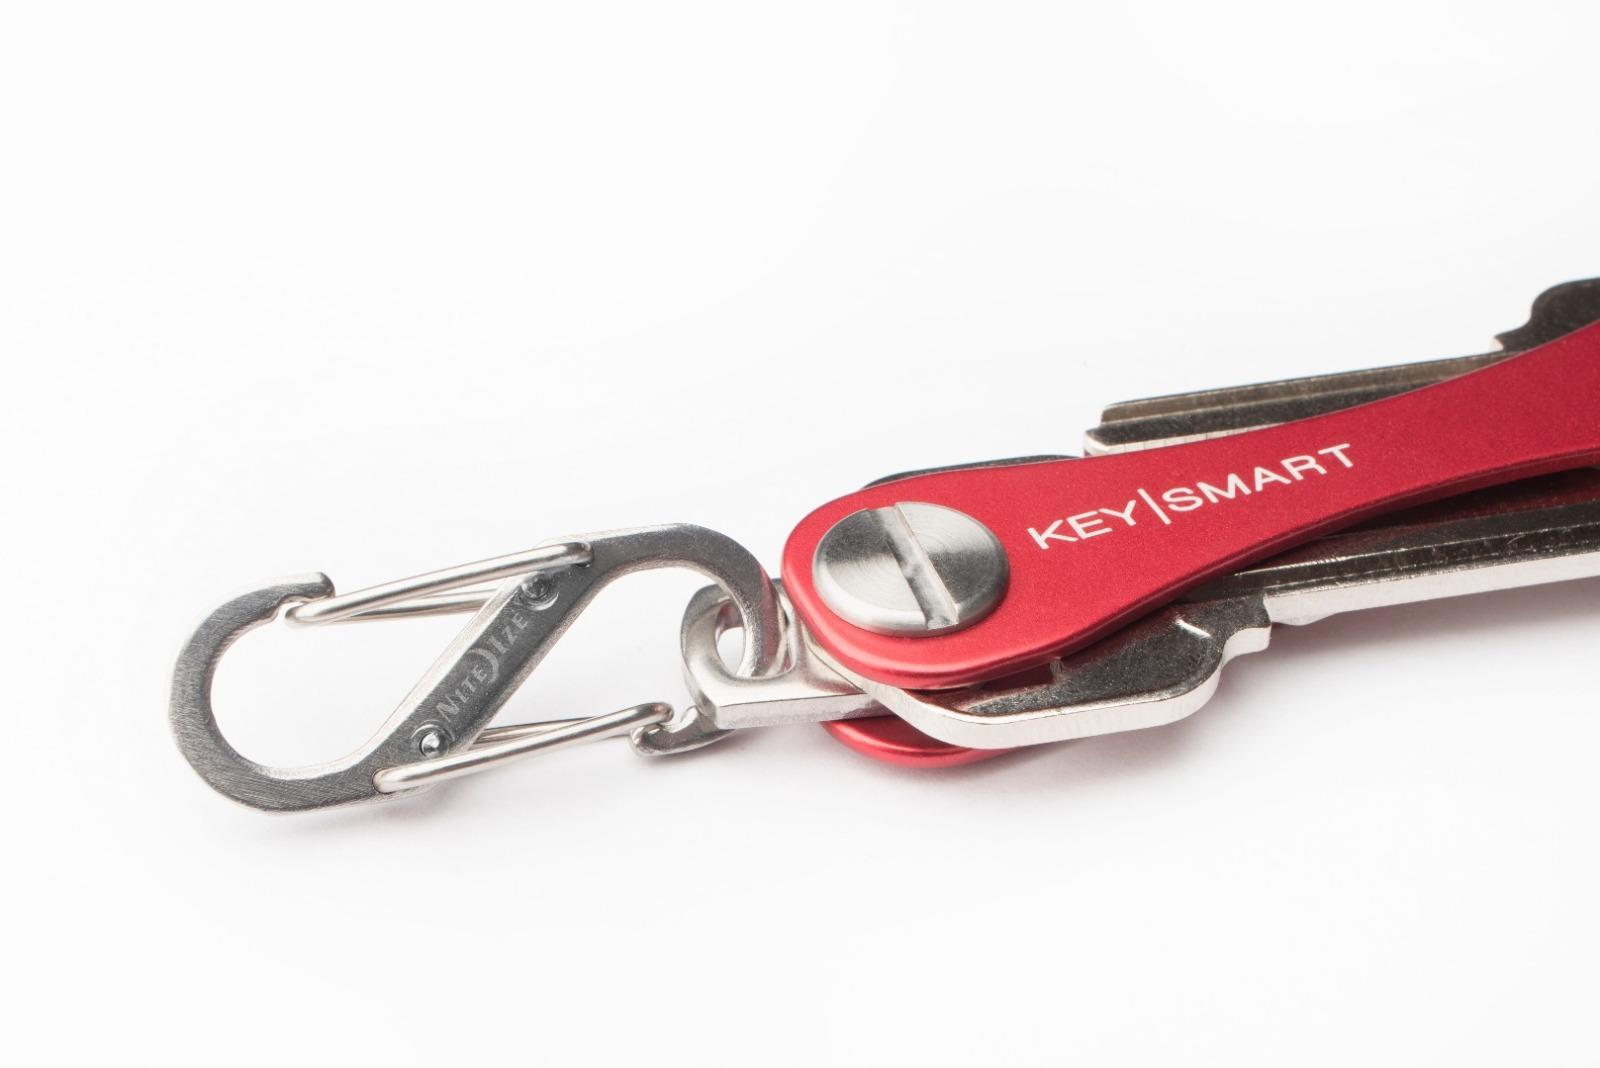 KeySmart Rot 21 inkl Anhängeröse 4